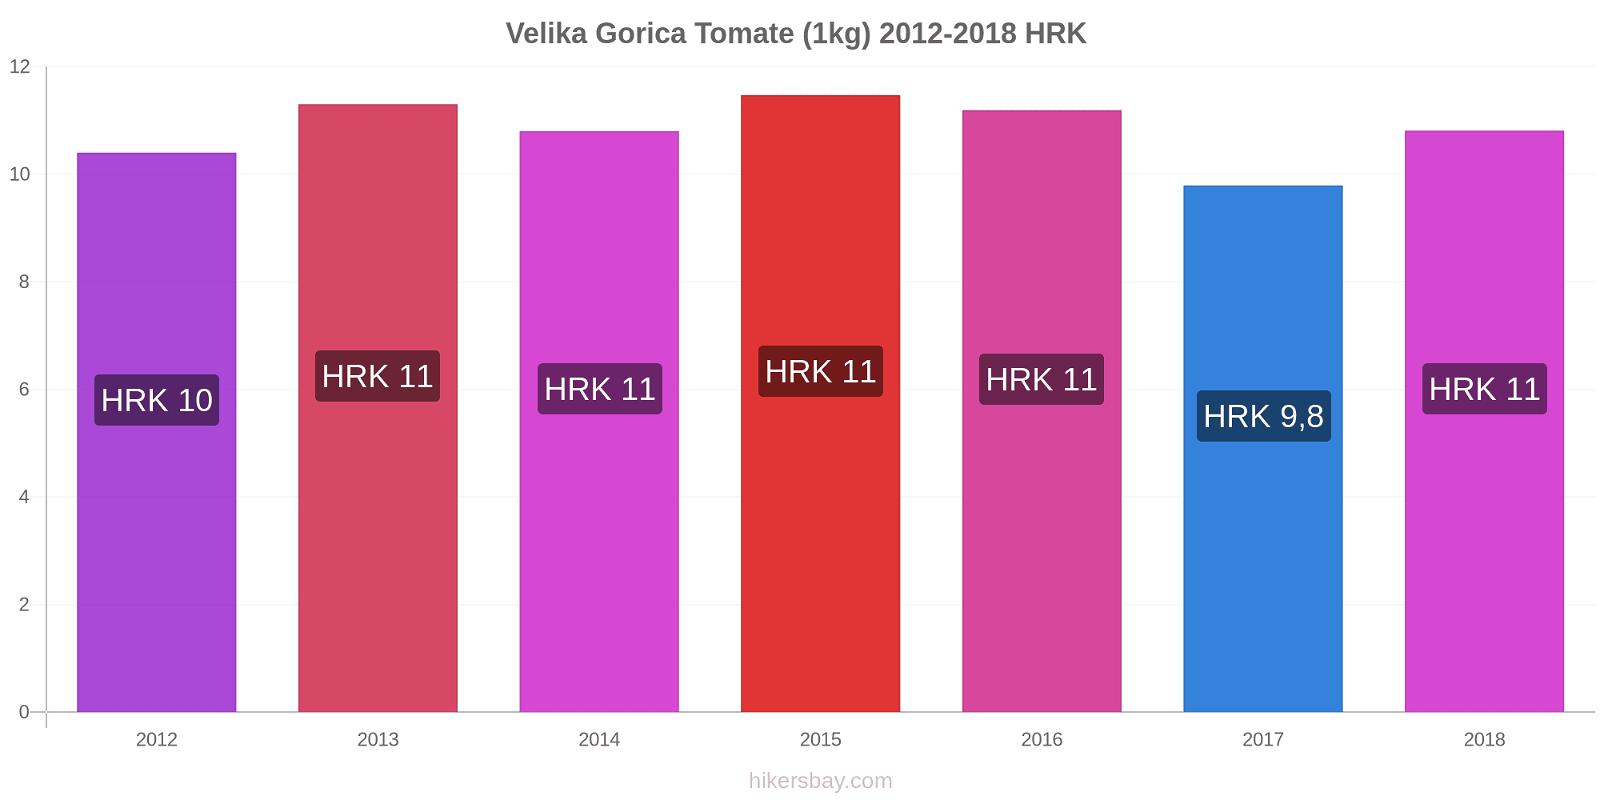 Velika Gorica variação de preço Tomate (1kg) hikersbay.com